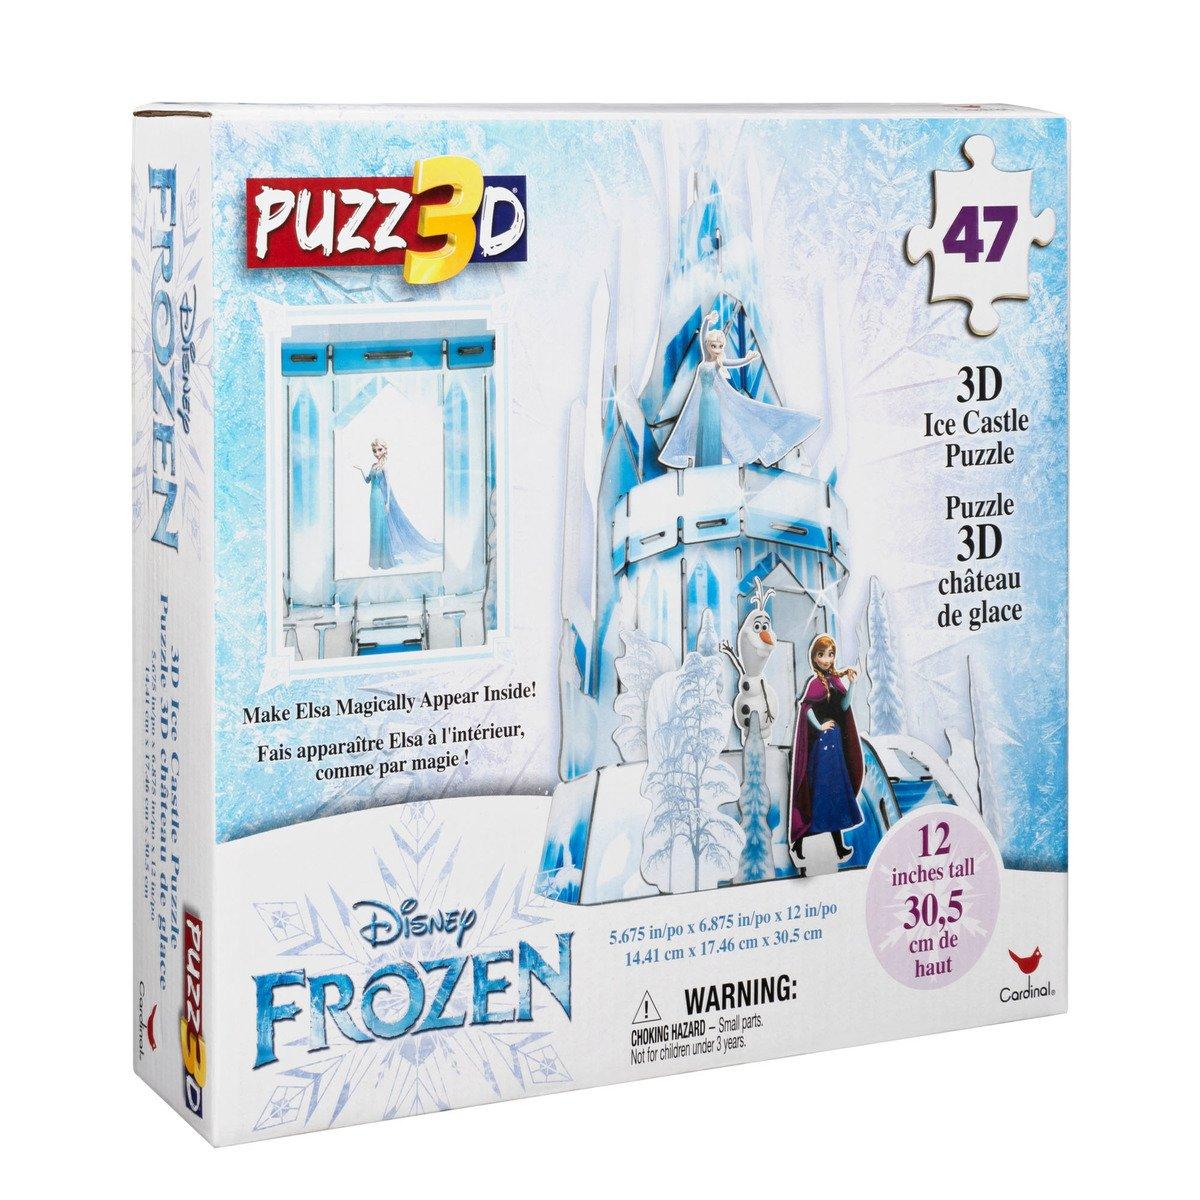 Disney Frozen 2: 3D Plastic Hologram 47pc Puzzle £3.75 + £3.99 del at The Entertainer